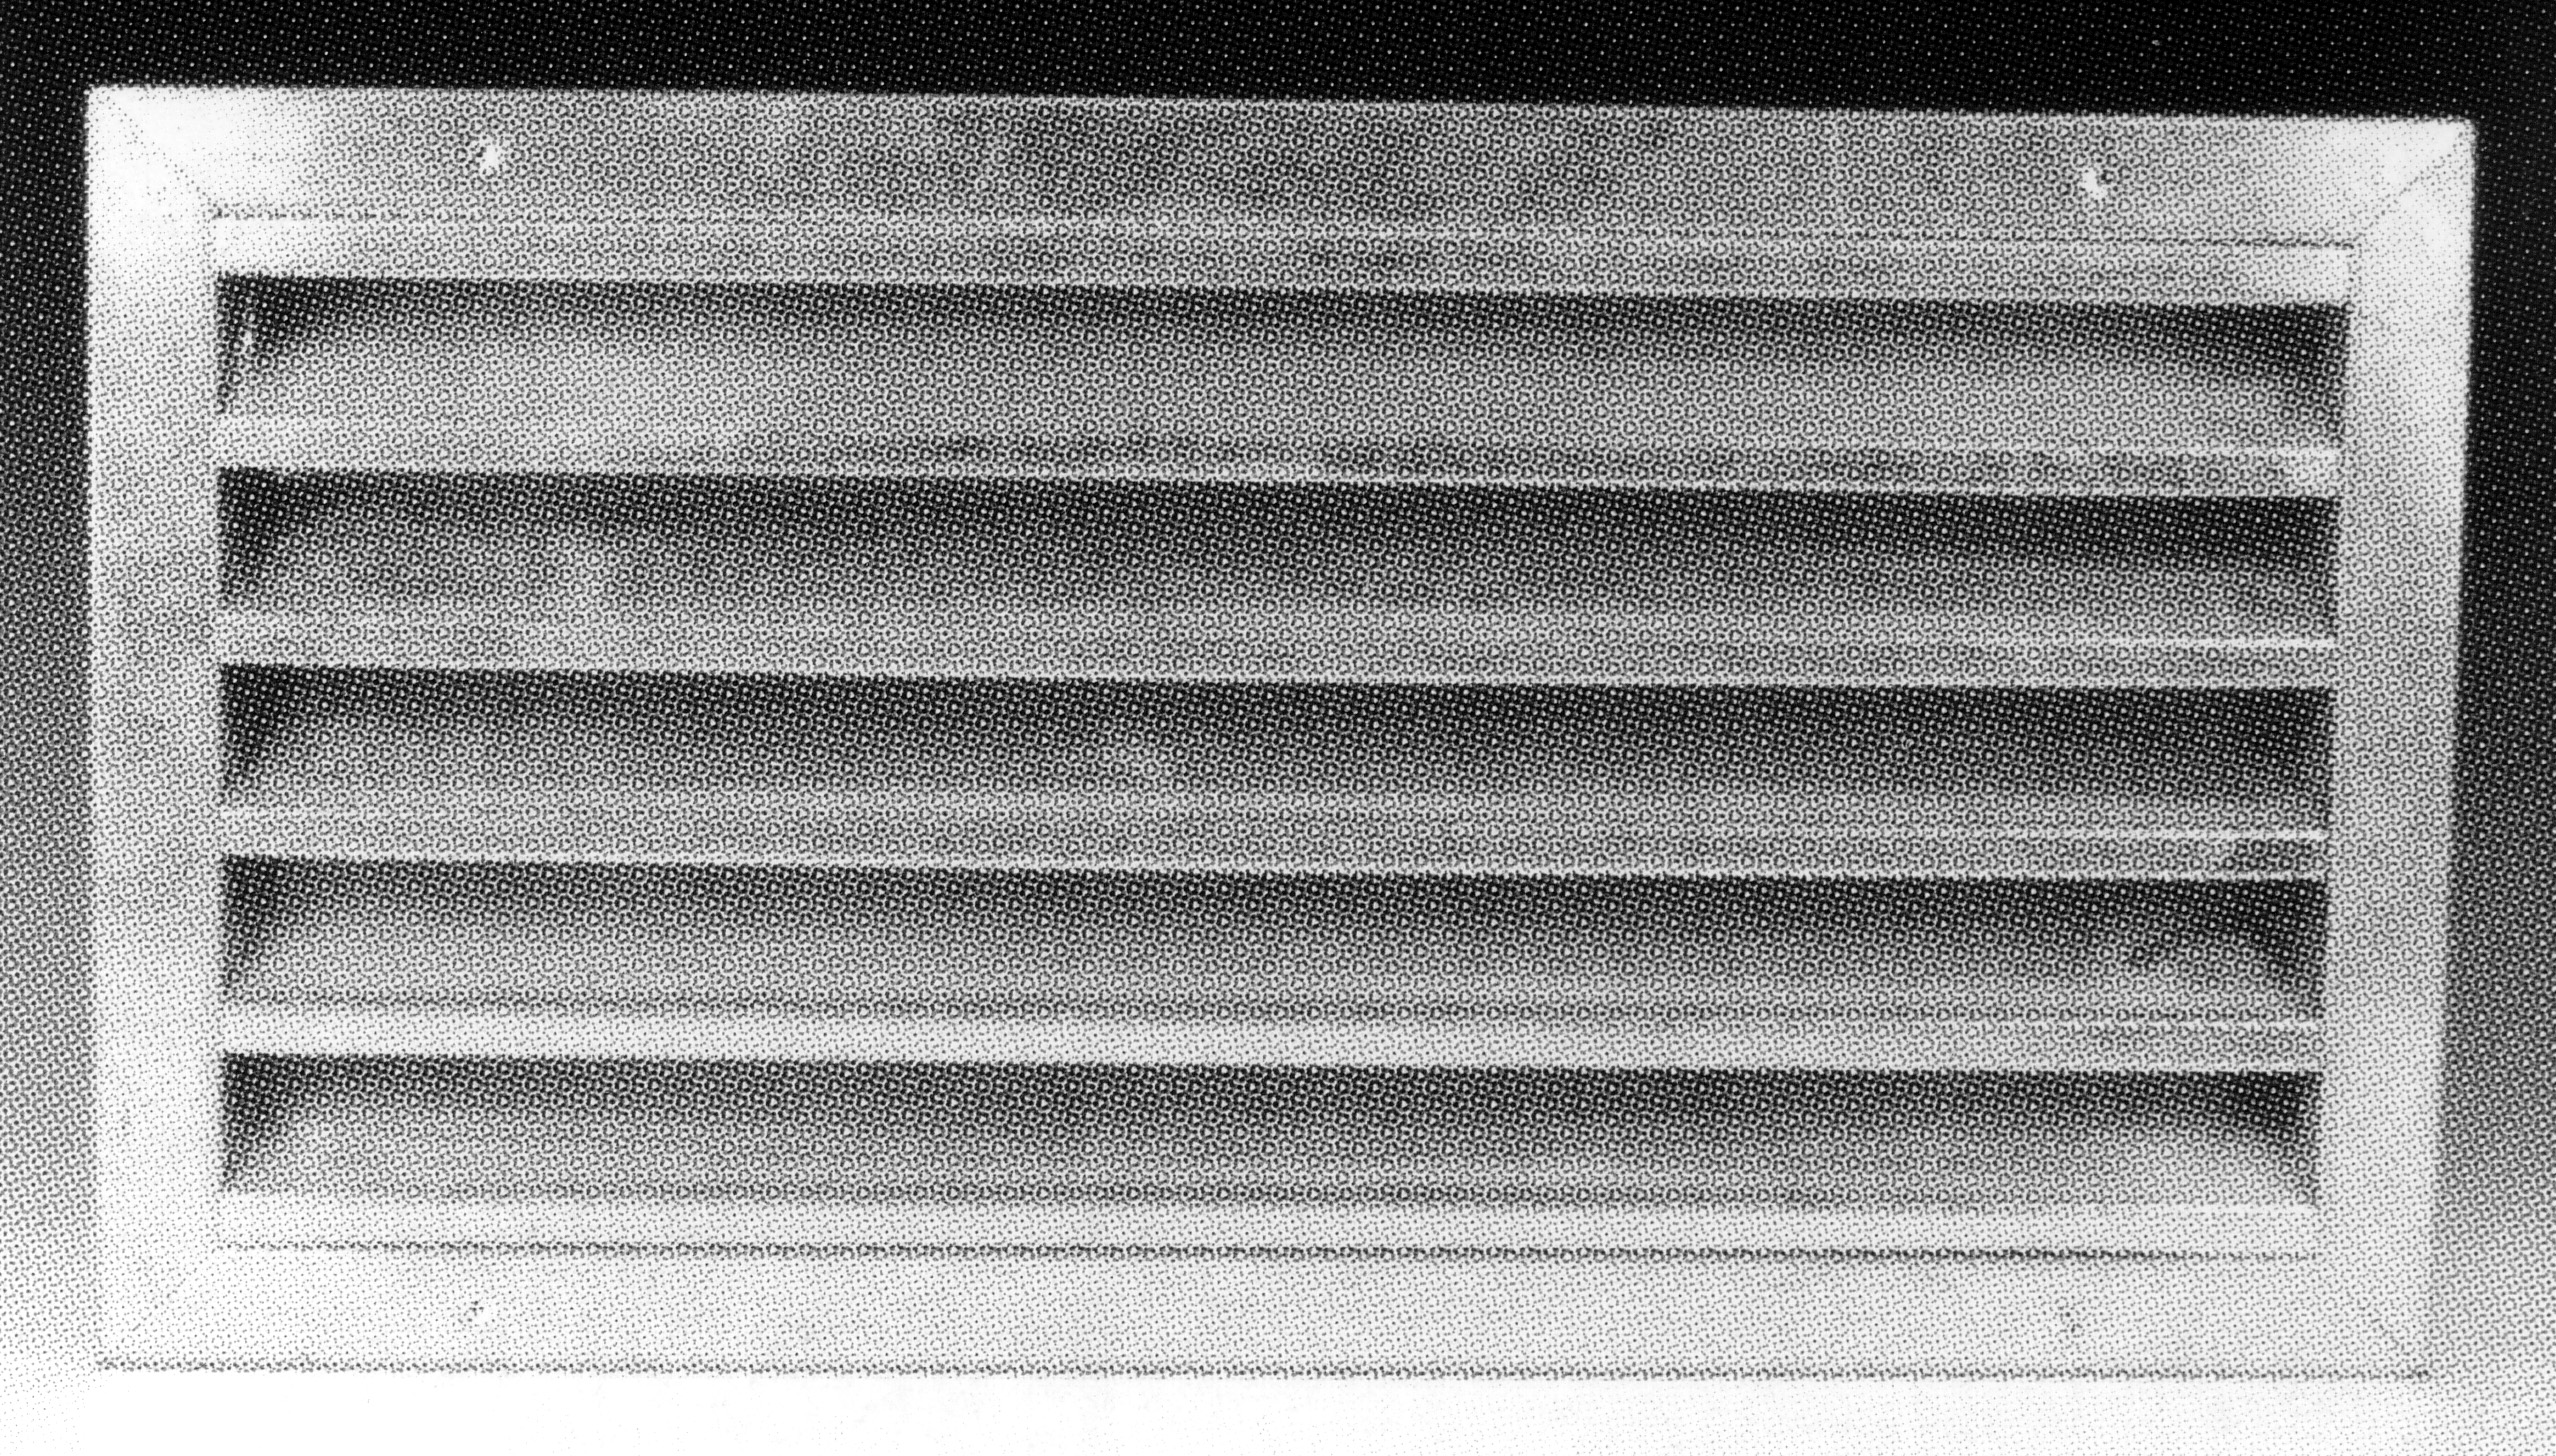 Griglia presa aria esterna in acciaio zincato con rete passo 50 dimensione 1000x1200 mm